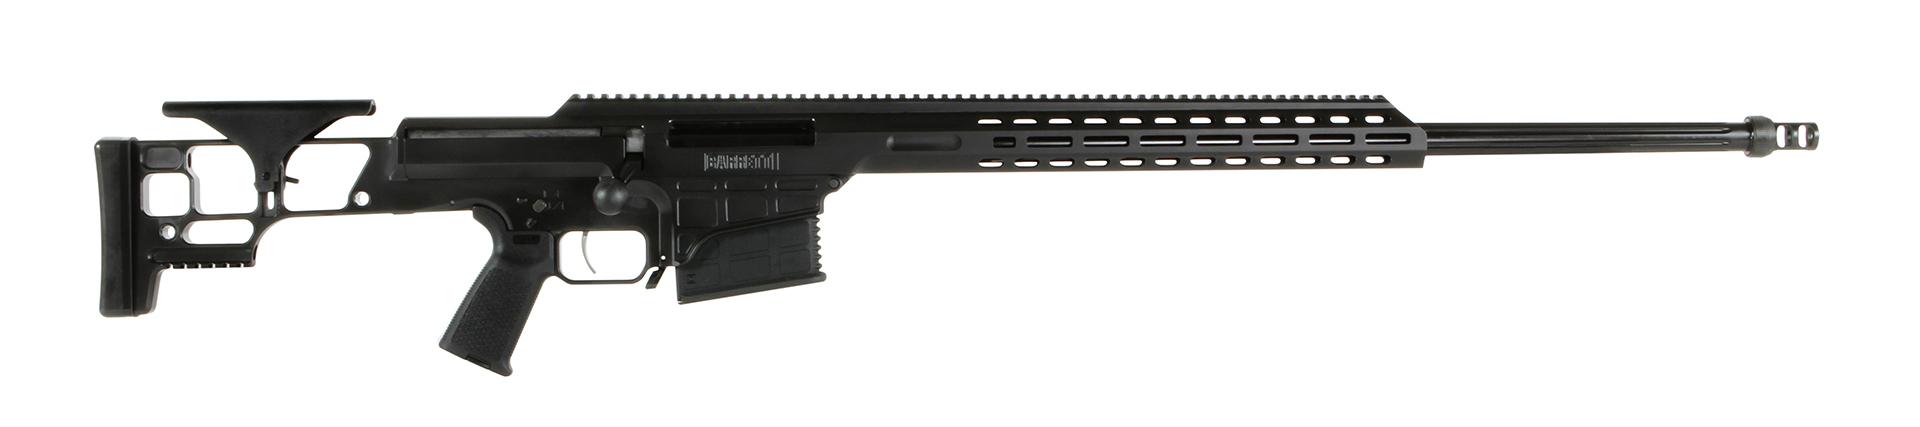 Barrett Firearms MRAD 300 PRC